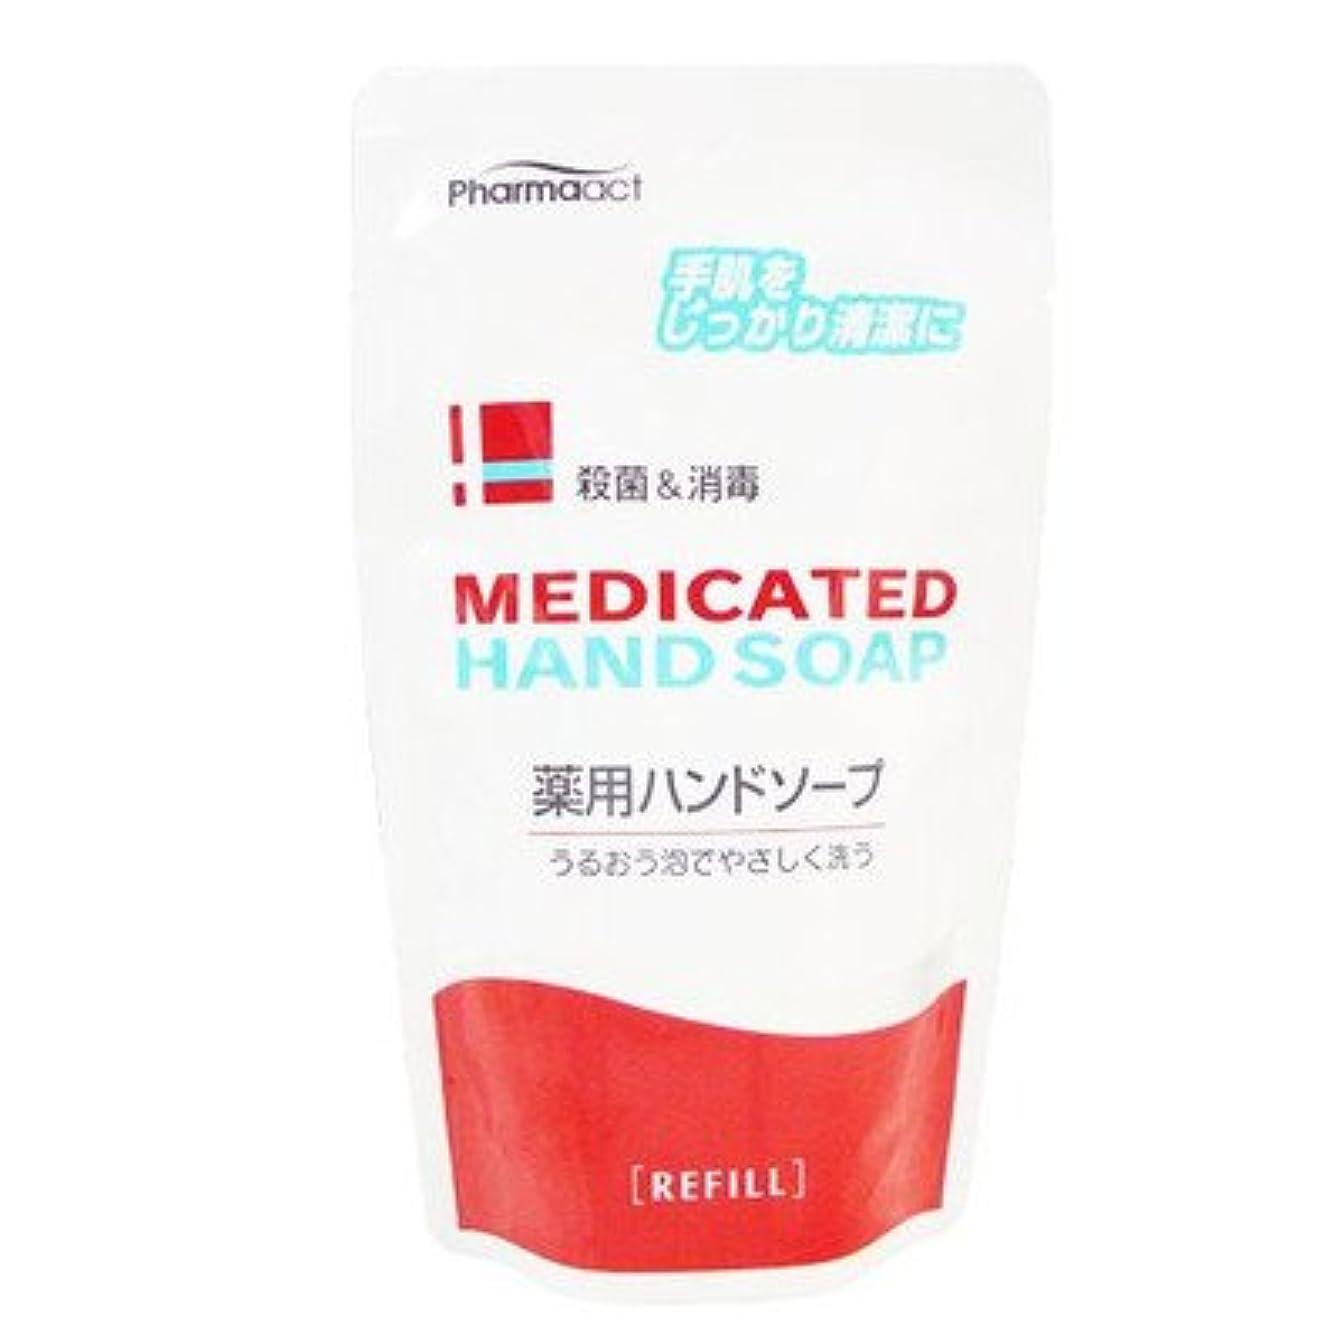 使い込むアンテナ開始Medicated 薬用ハンドソープ 殺菌+消毒 200ml【つめかえ用】(医薬部外品)